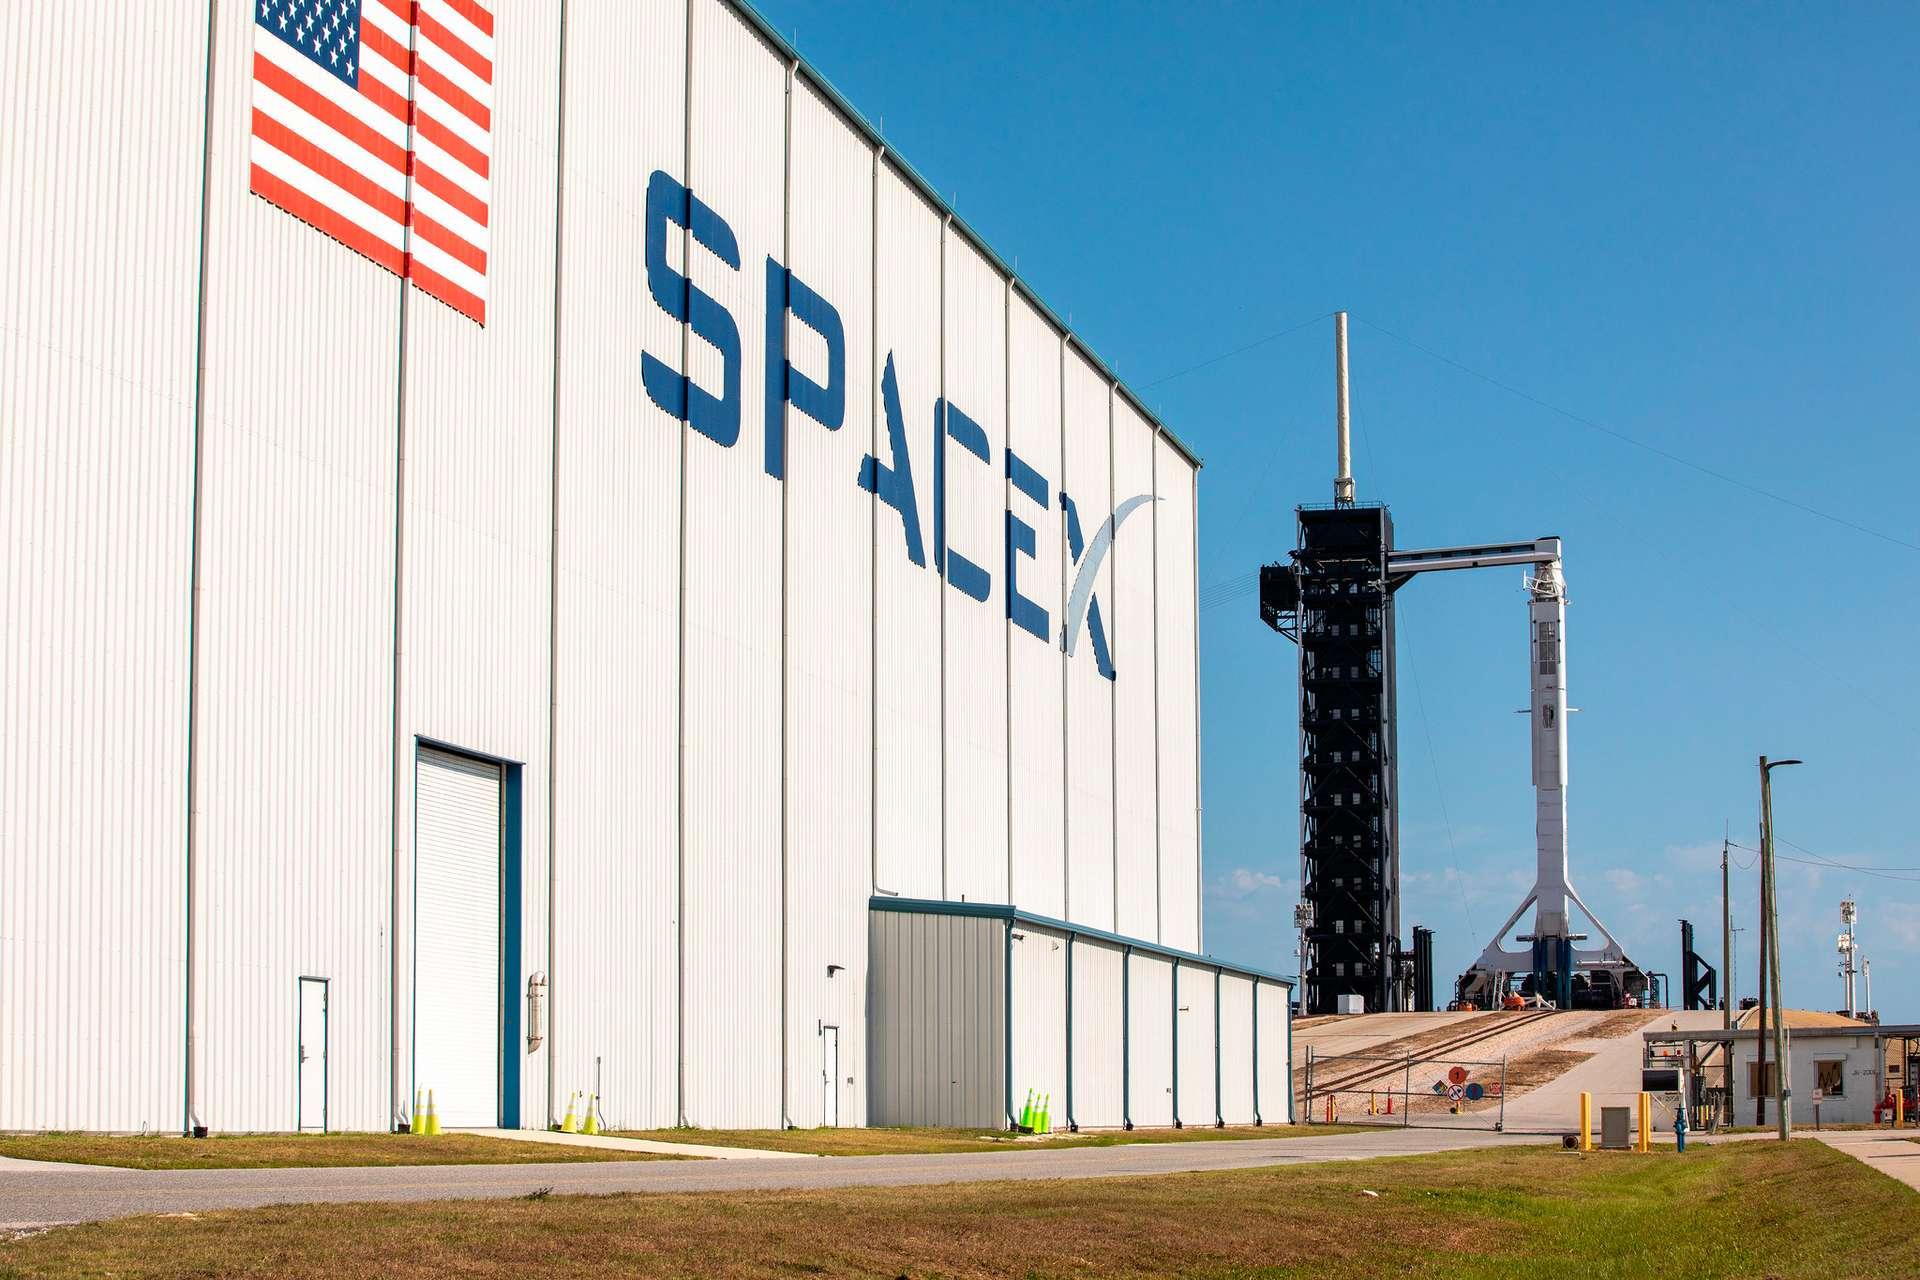 Transfert sur son pas de tir du Centre spatial Kennedy du Falcon 9 et du Crew Dragon de SpaceX. © Nasa, Kim Shiflett